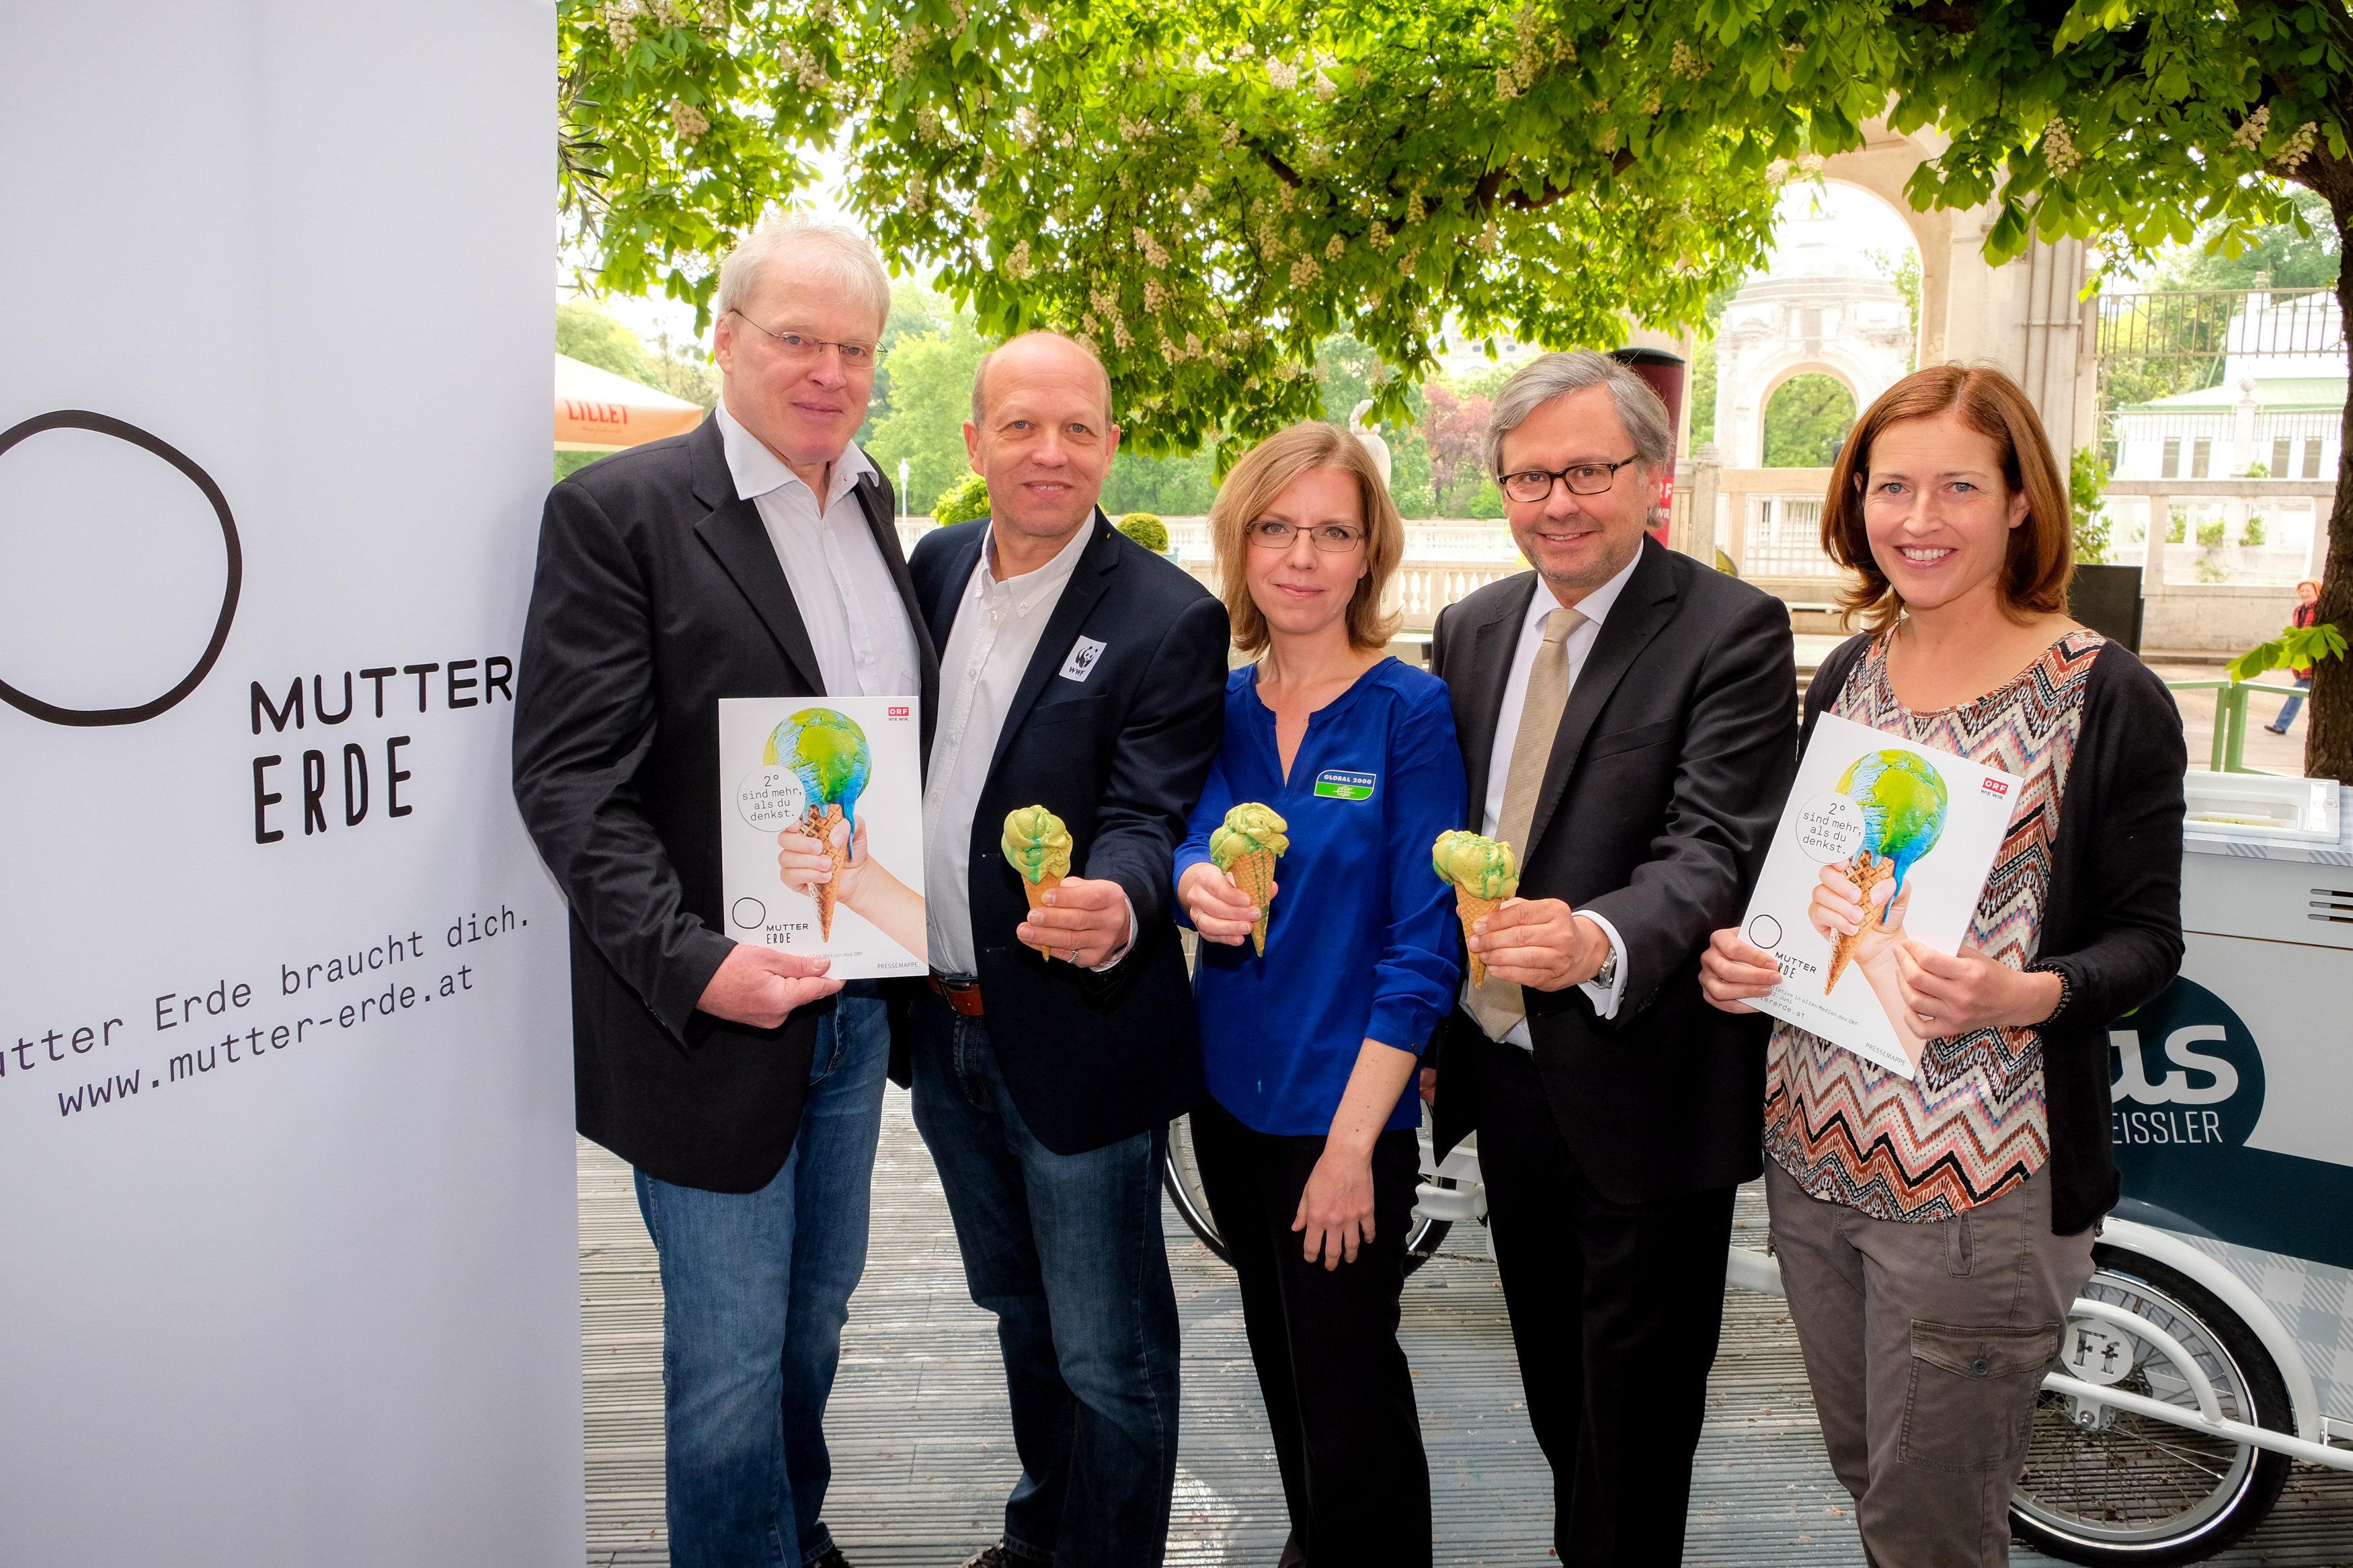 2° sind mehr, als du denkst: ORF-MUTTER ERDE - von links nach rechts: Mag. Alexander Egit - Greenpeace, Karl Schellmann - WWF Klimaexperte, Leonore Gewessler - GLOBAL 2000, Dr. Alexander Wrabetz - ORF, DI Dr. Hildegard Aichberger - MUTTER ERDE